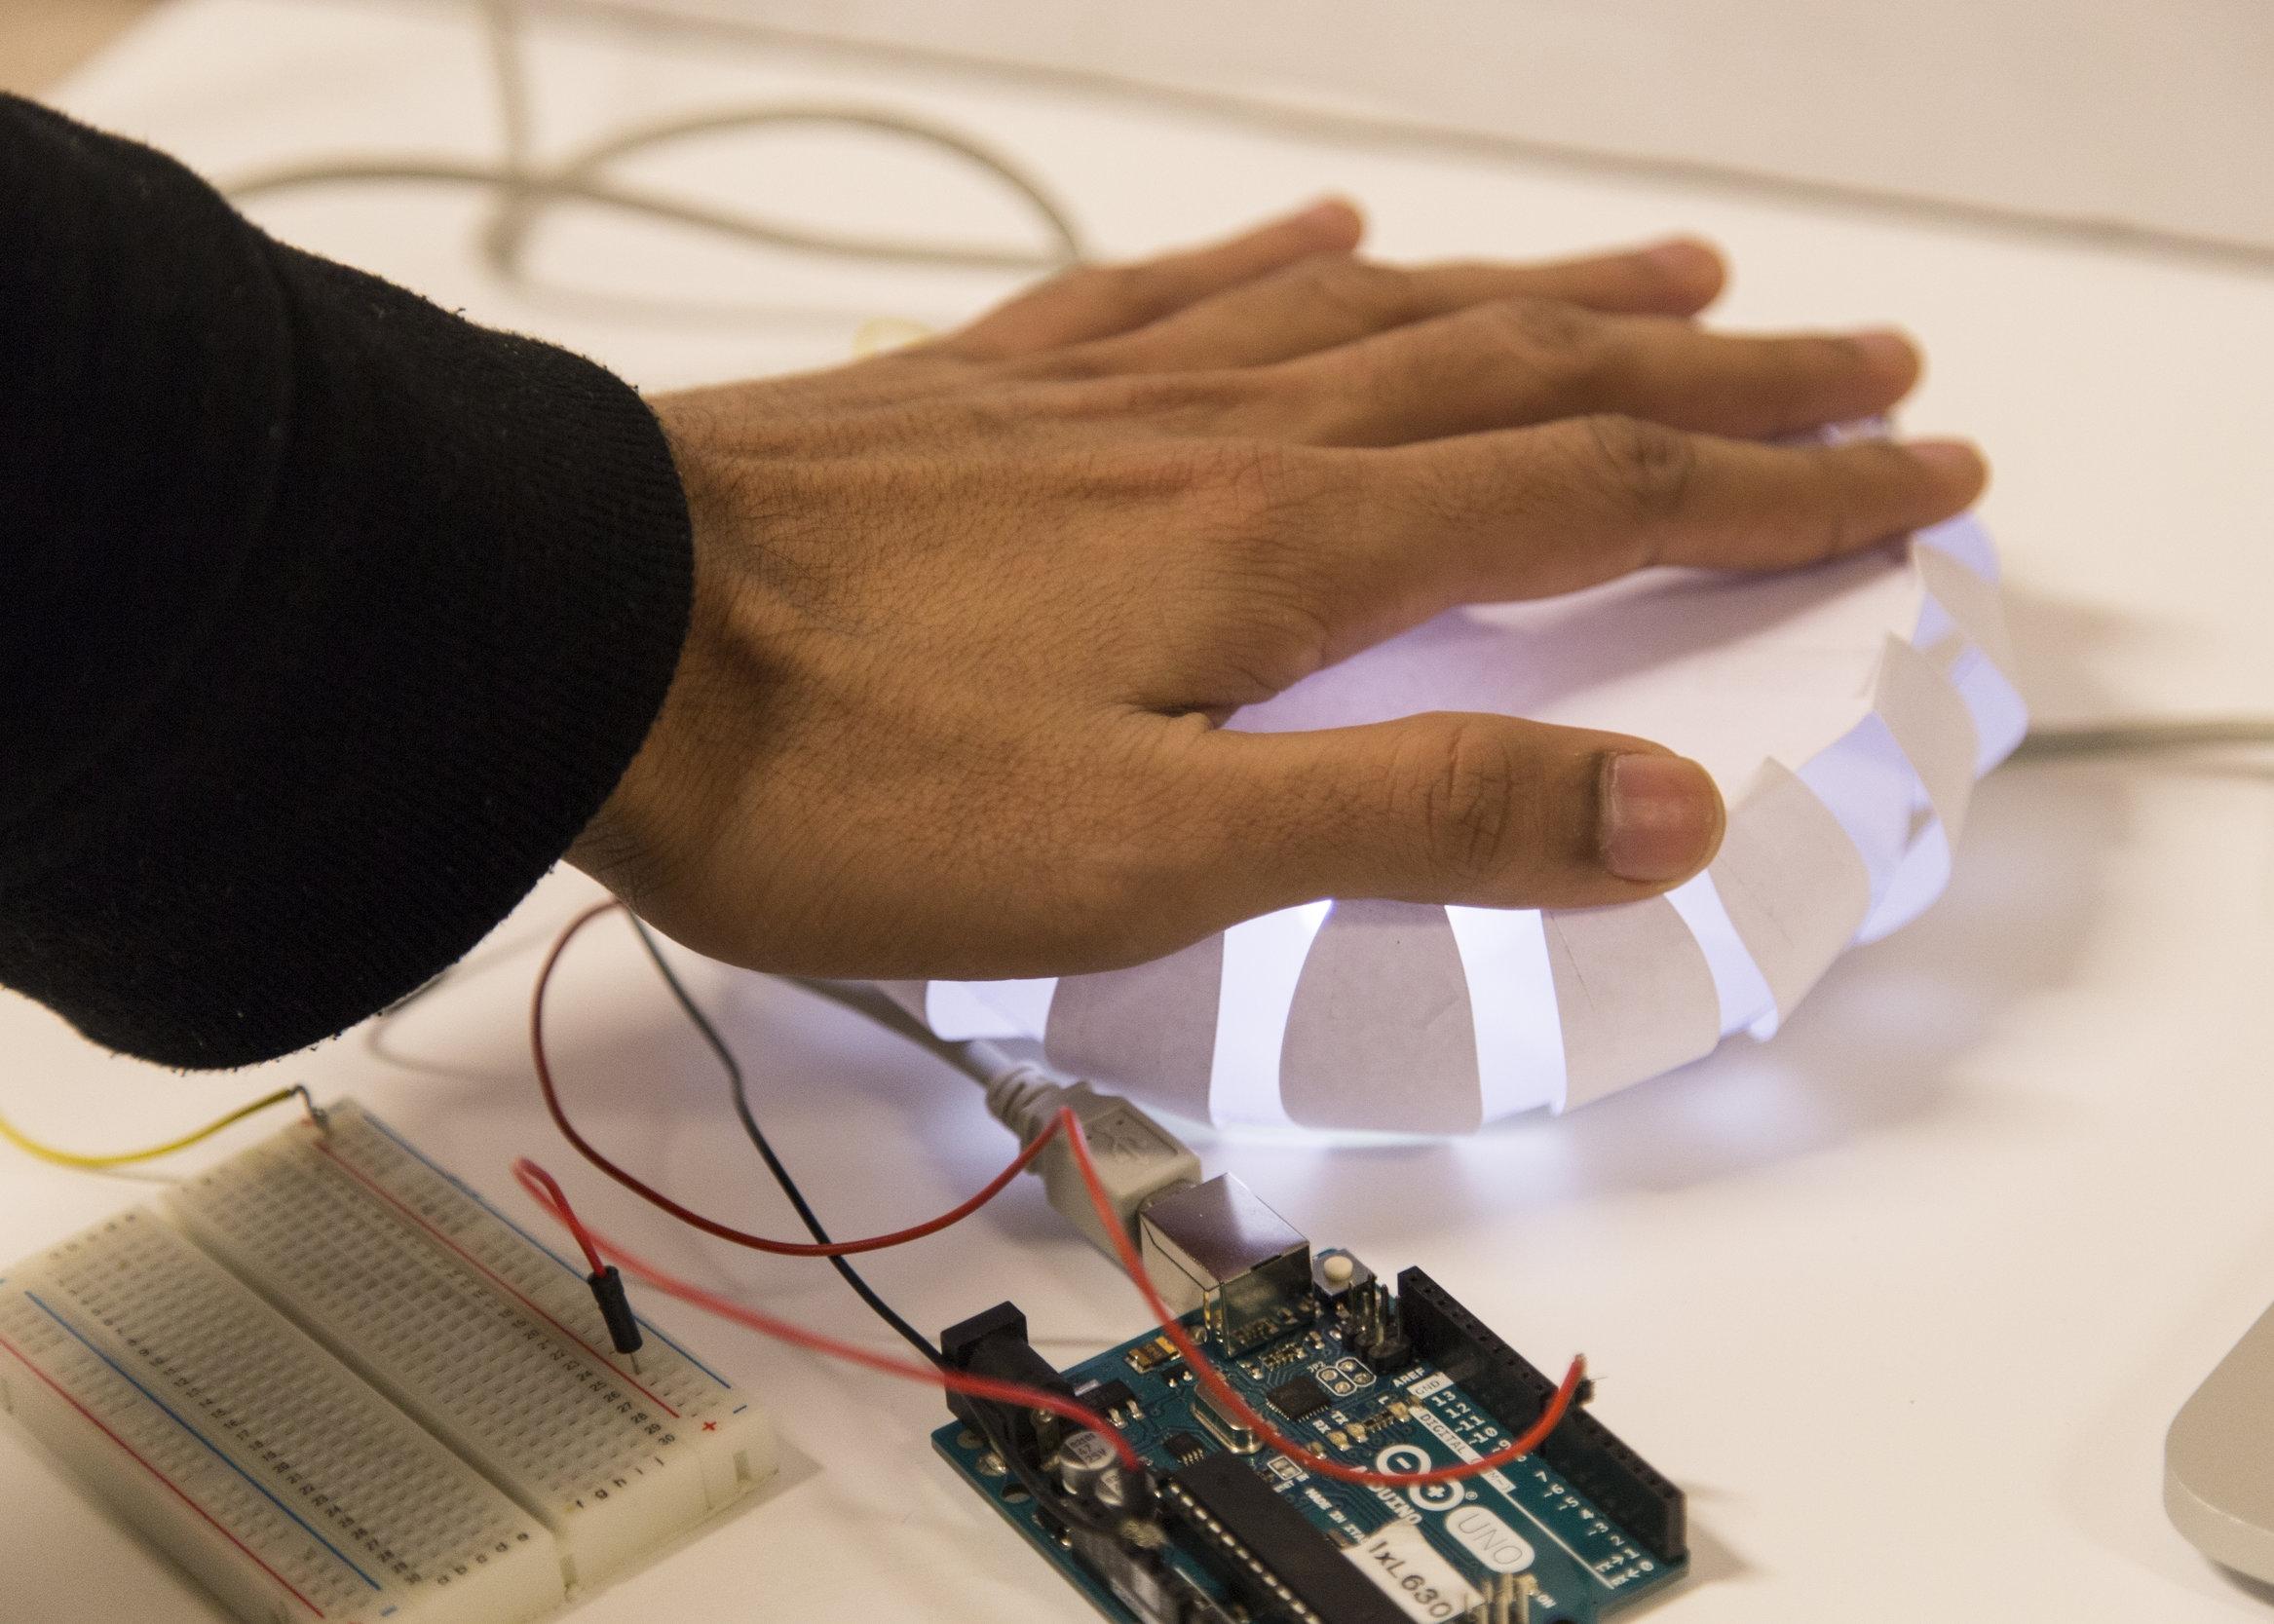 Light and haptic feedback